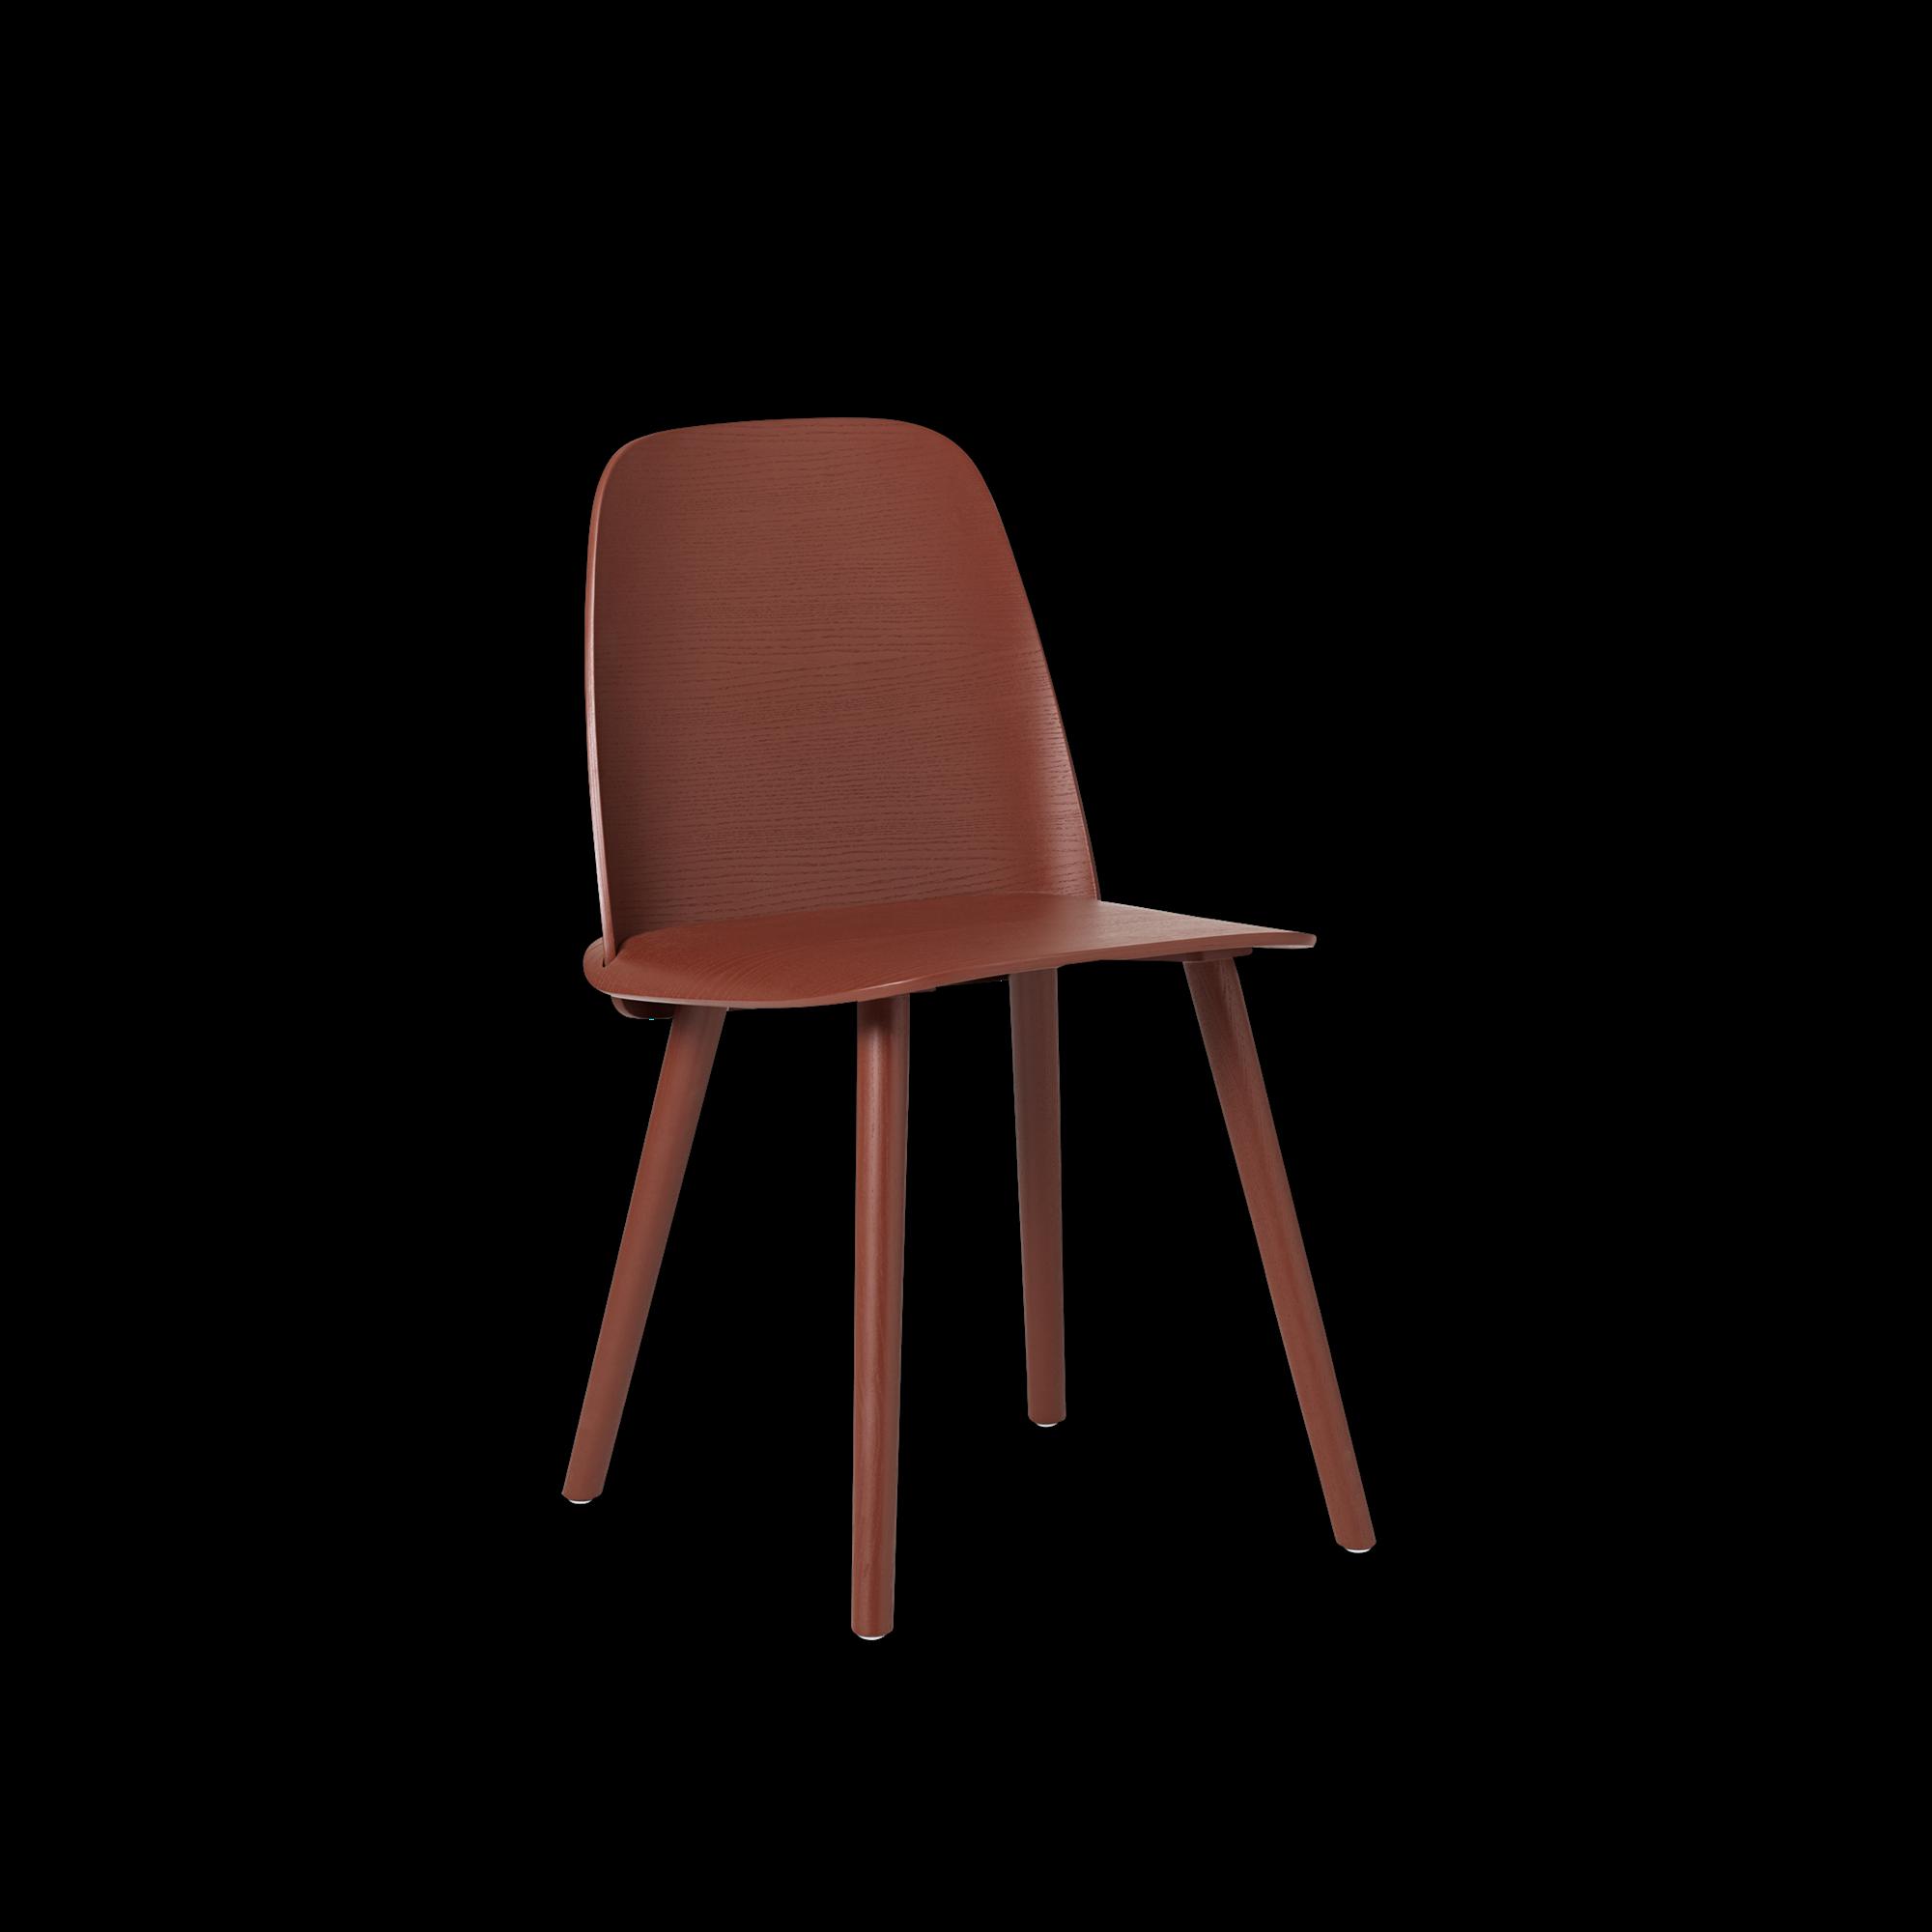 nerd-chair-master-nerd-chair-1523965115-7605468.png